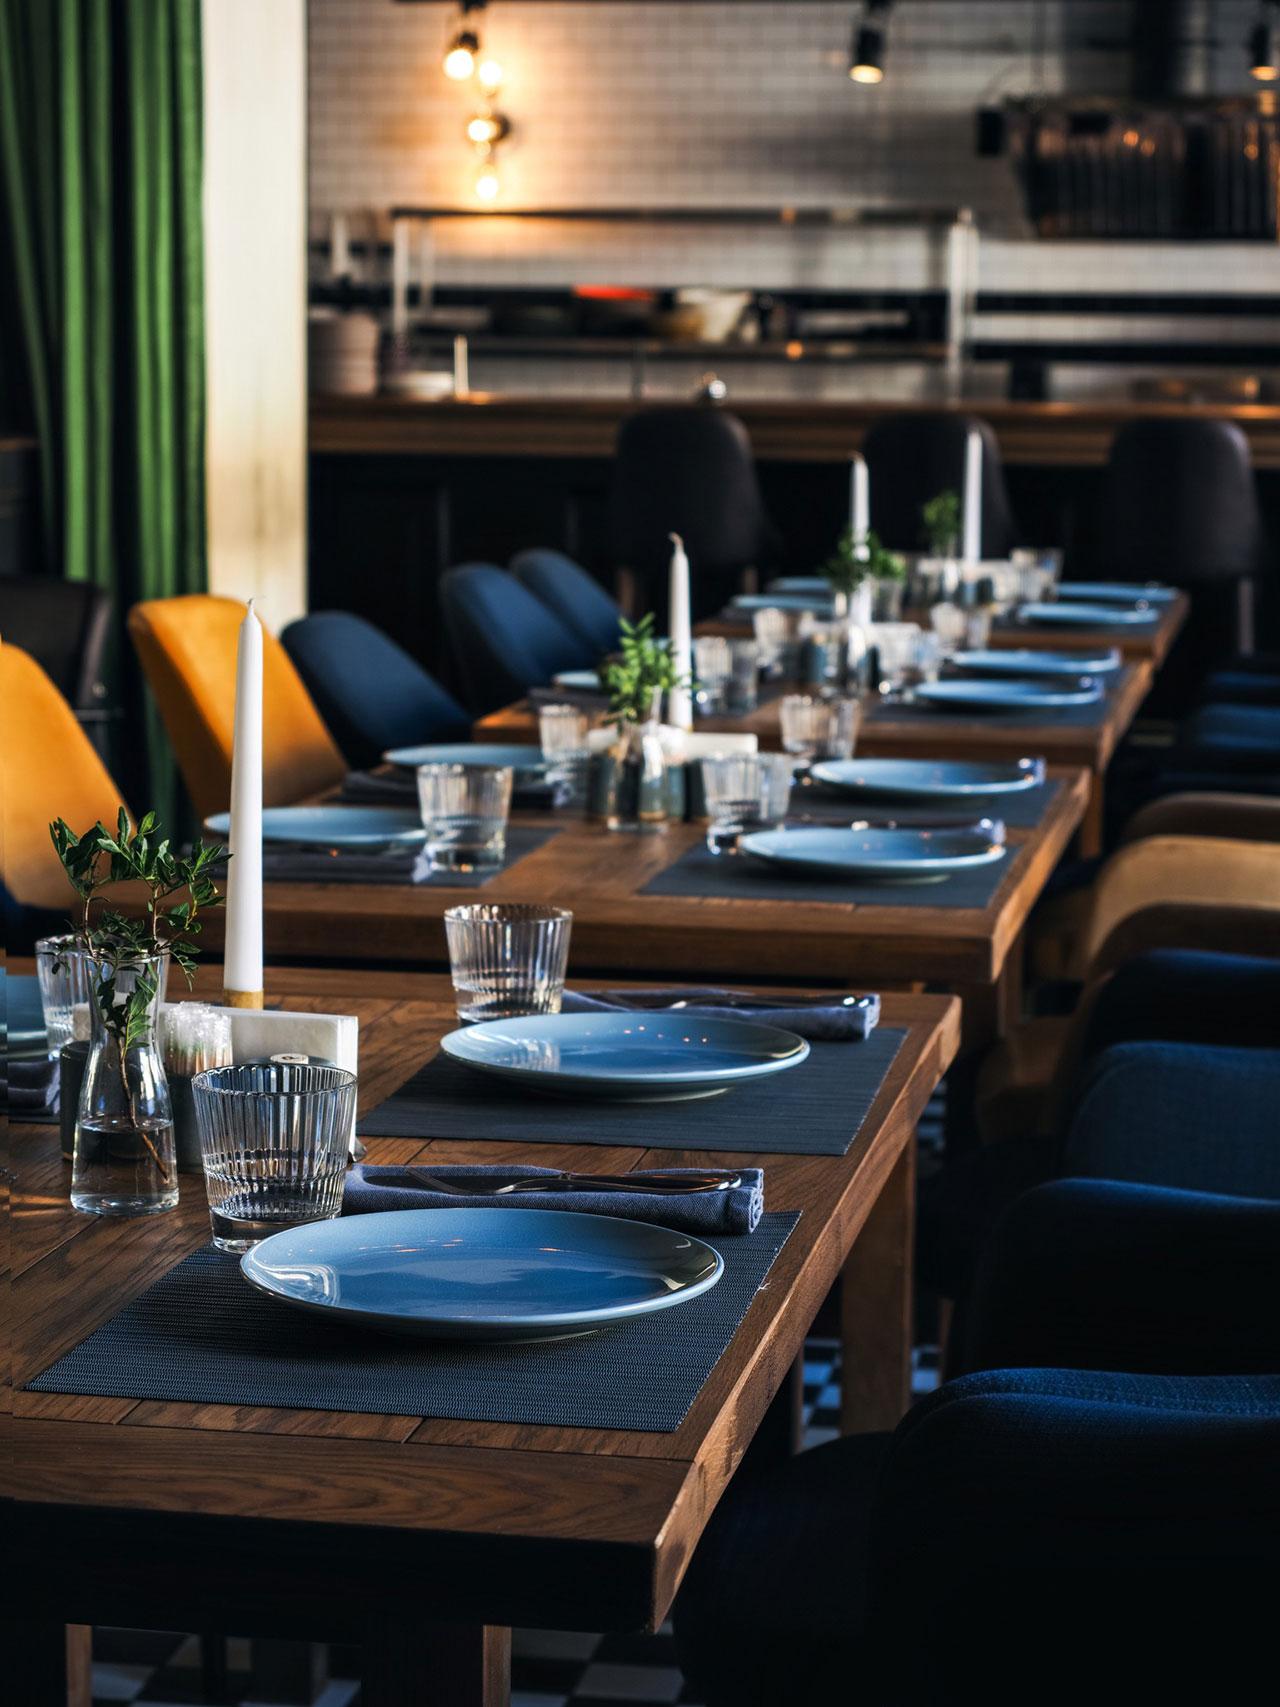 Shana restaurant byEl Born studio. Photo bySergey Mailnikov.